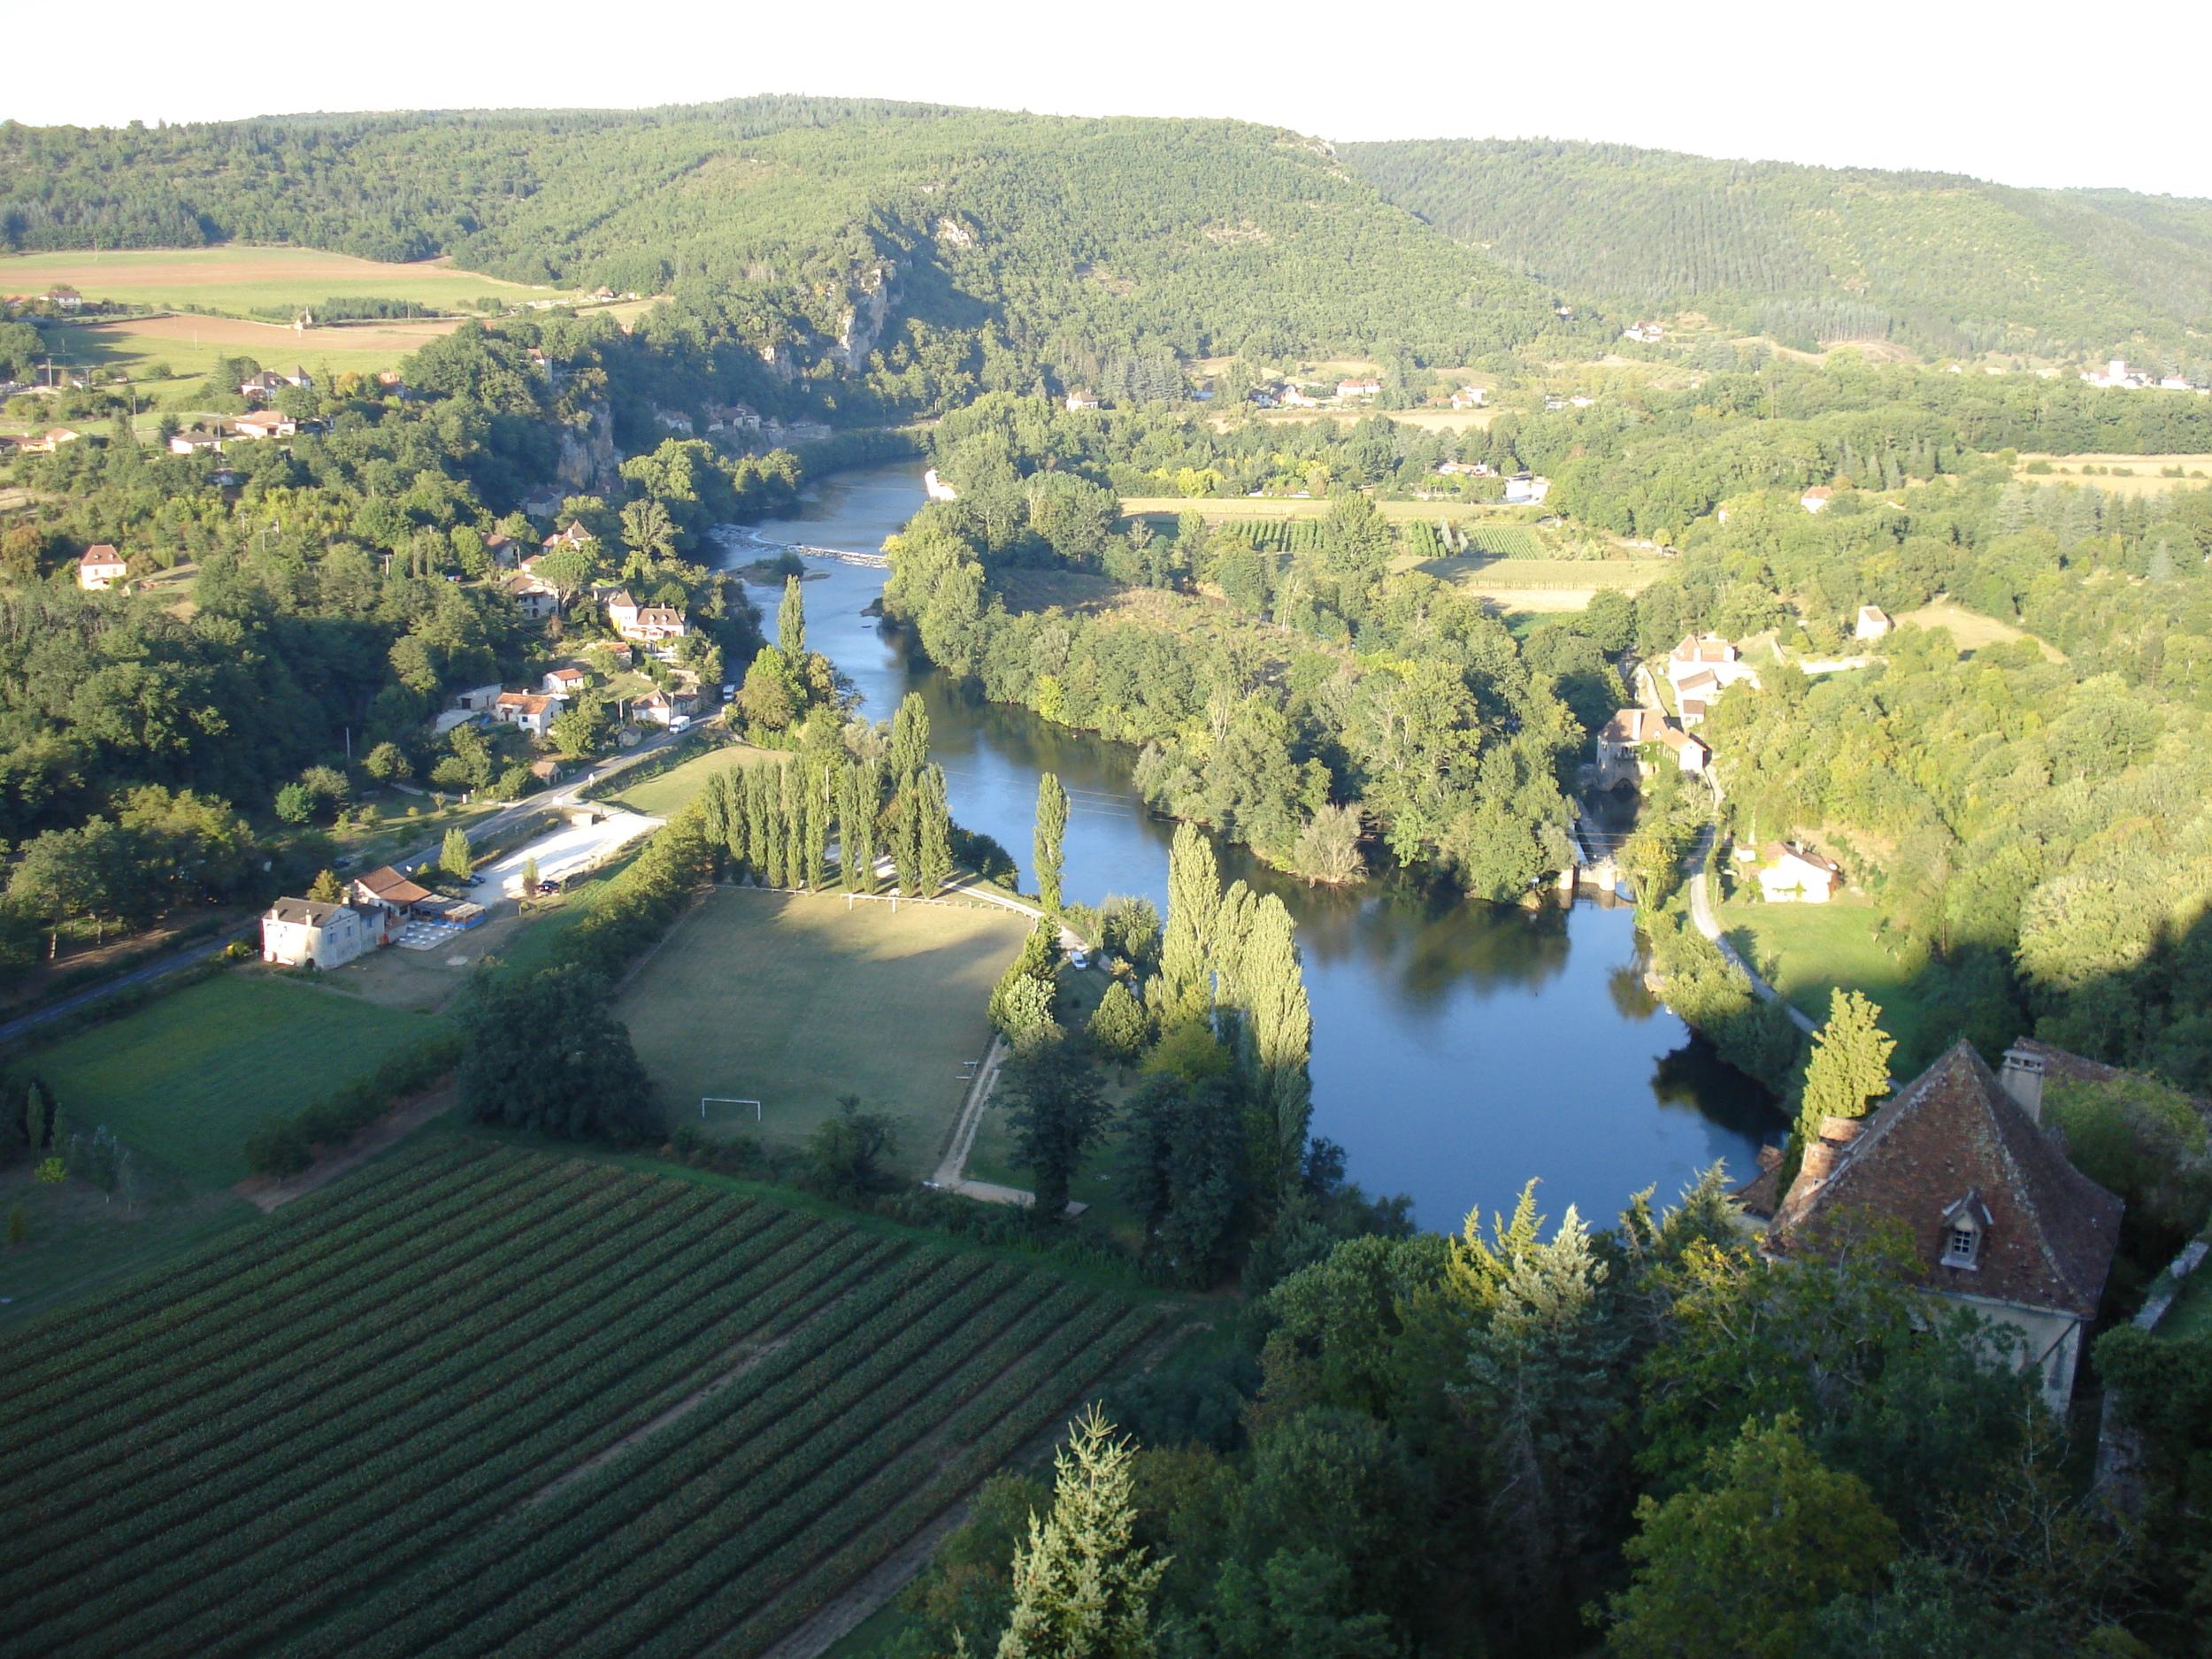 Dordogne, France - Getoutoftown